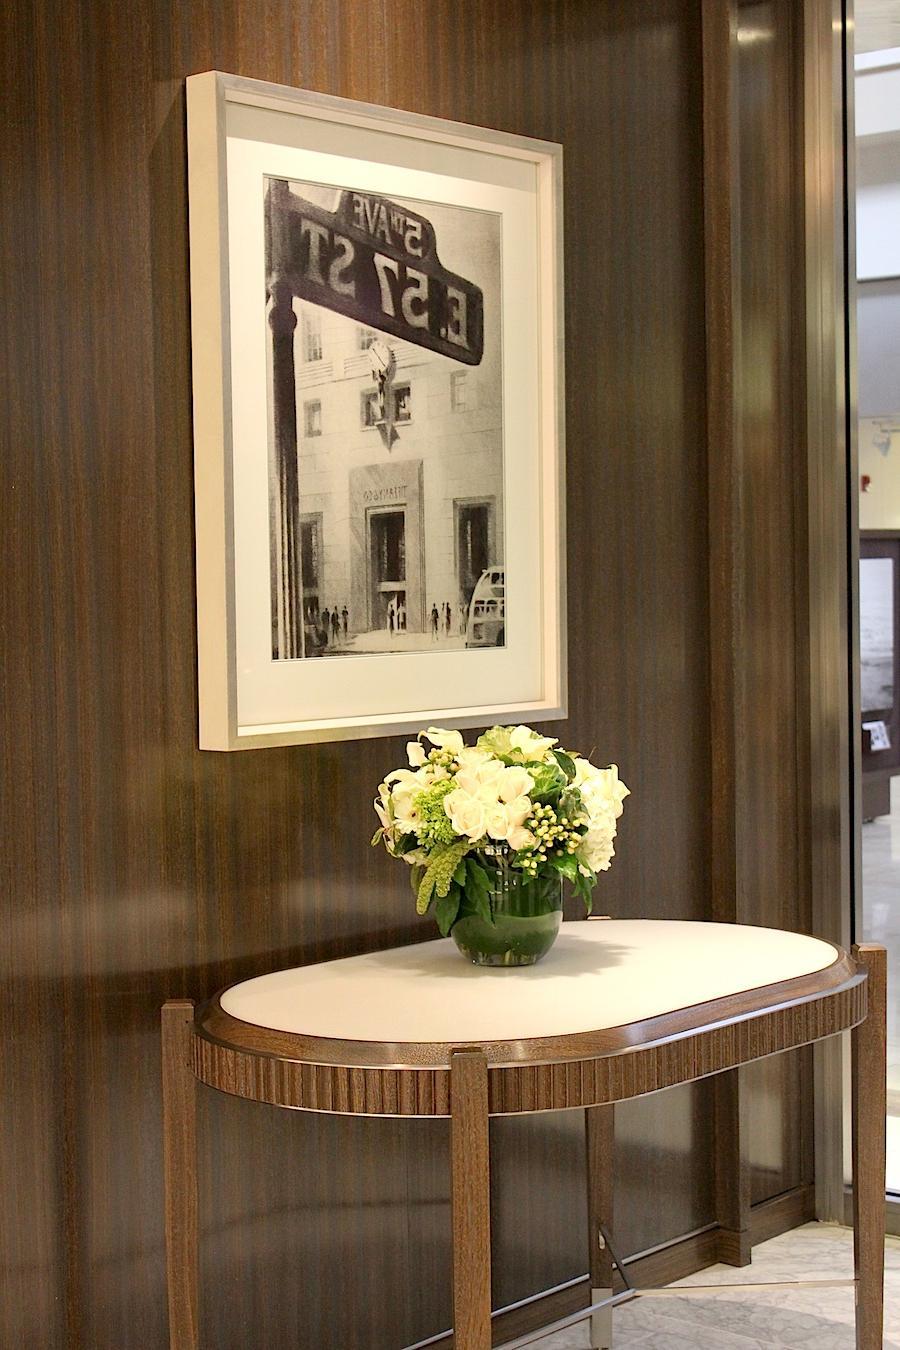 into the new Tiffany & Co,